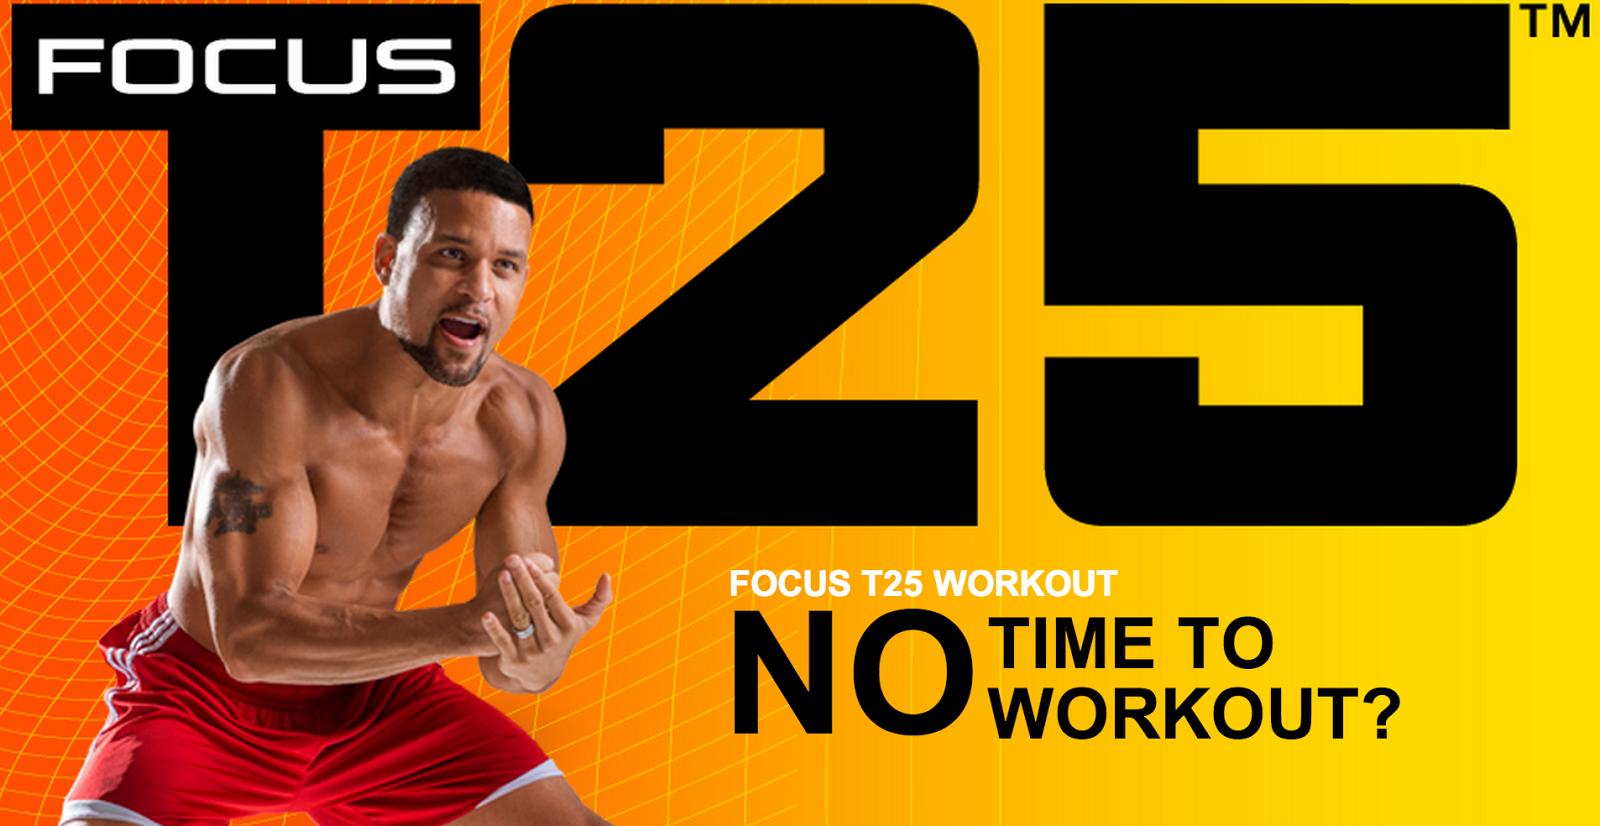 Kickass torrent focus t25